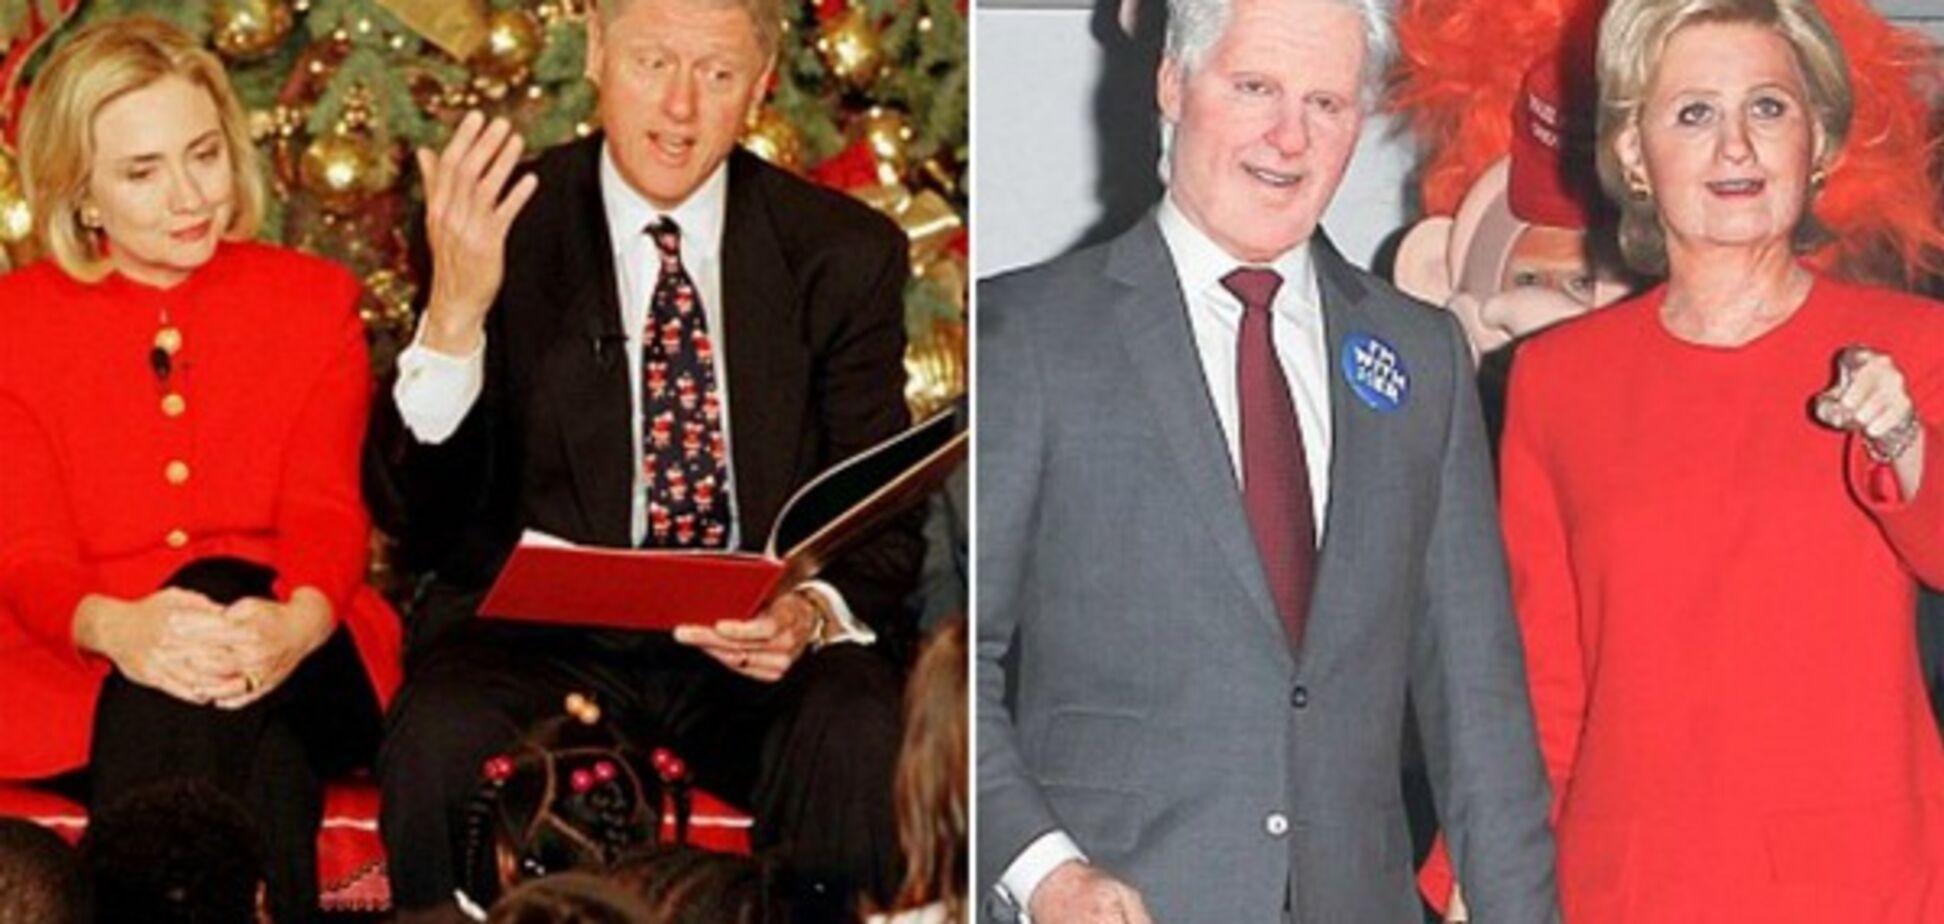 Кэти Перри и Орландо Блум в образе Билла и Хиллари Клинтон